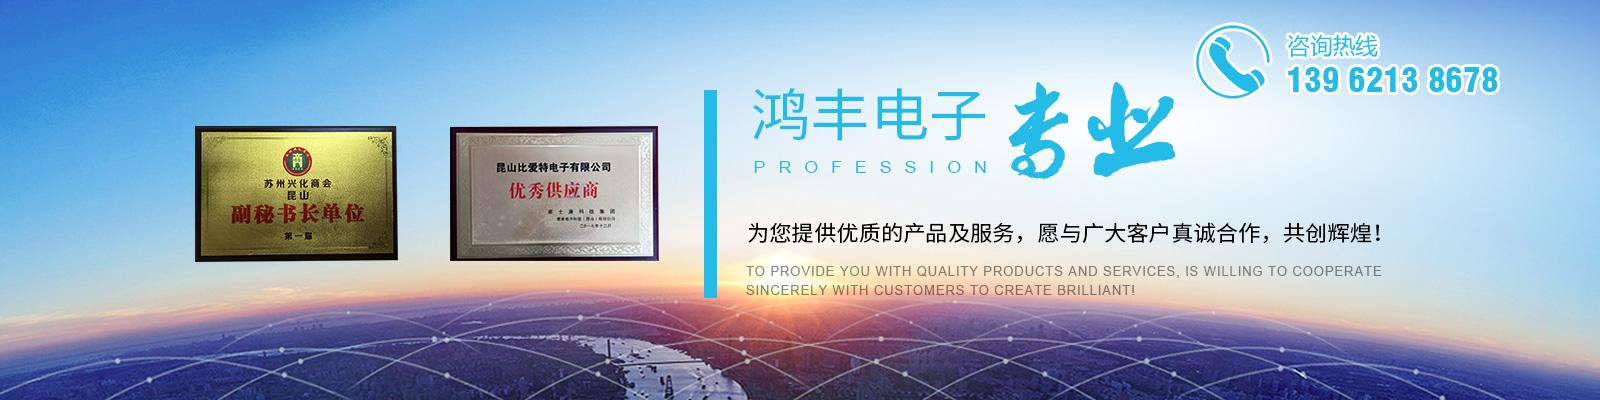 苏州鸿丰电子科技有限公司